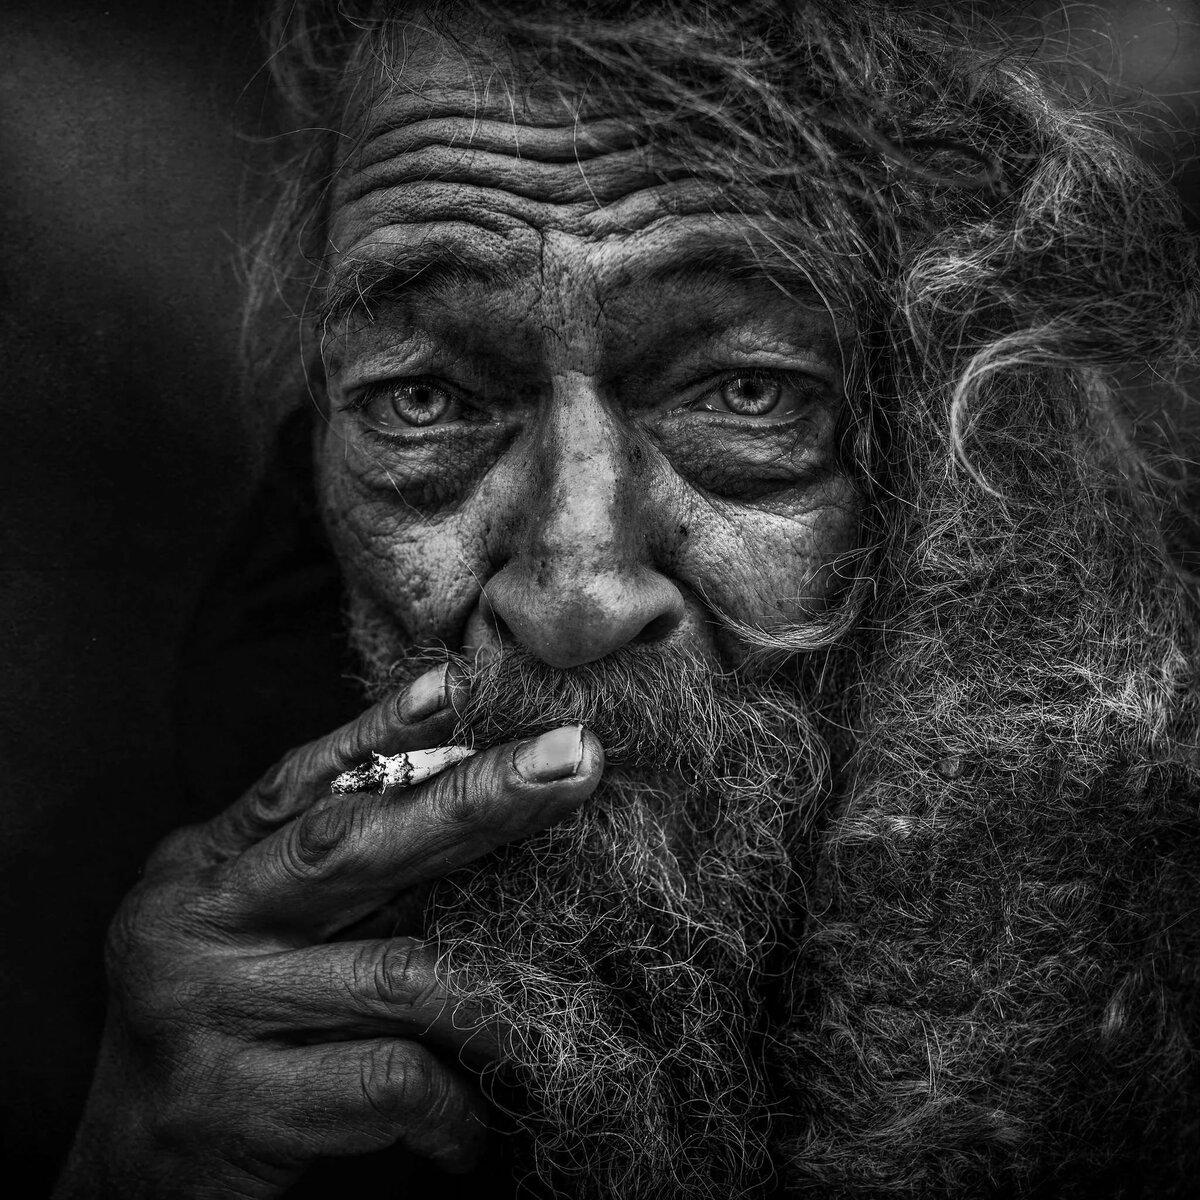 ледяные картинка старик с сигарой пастельных тонах идеальное